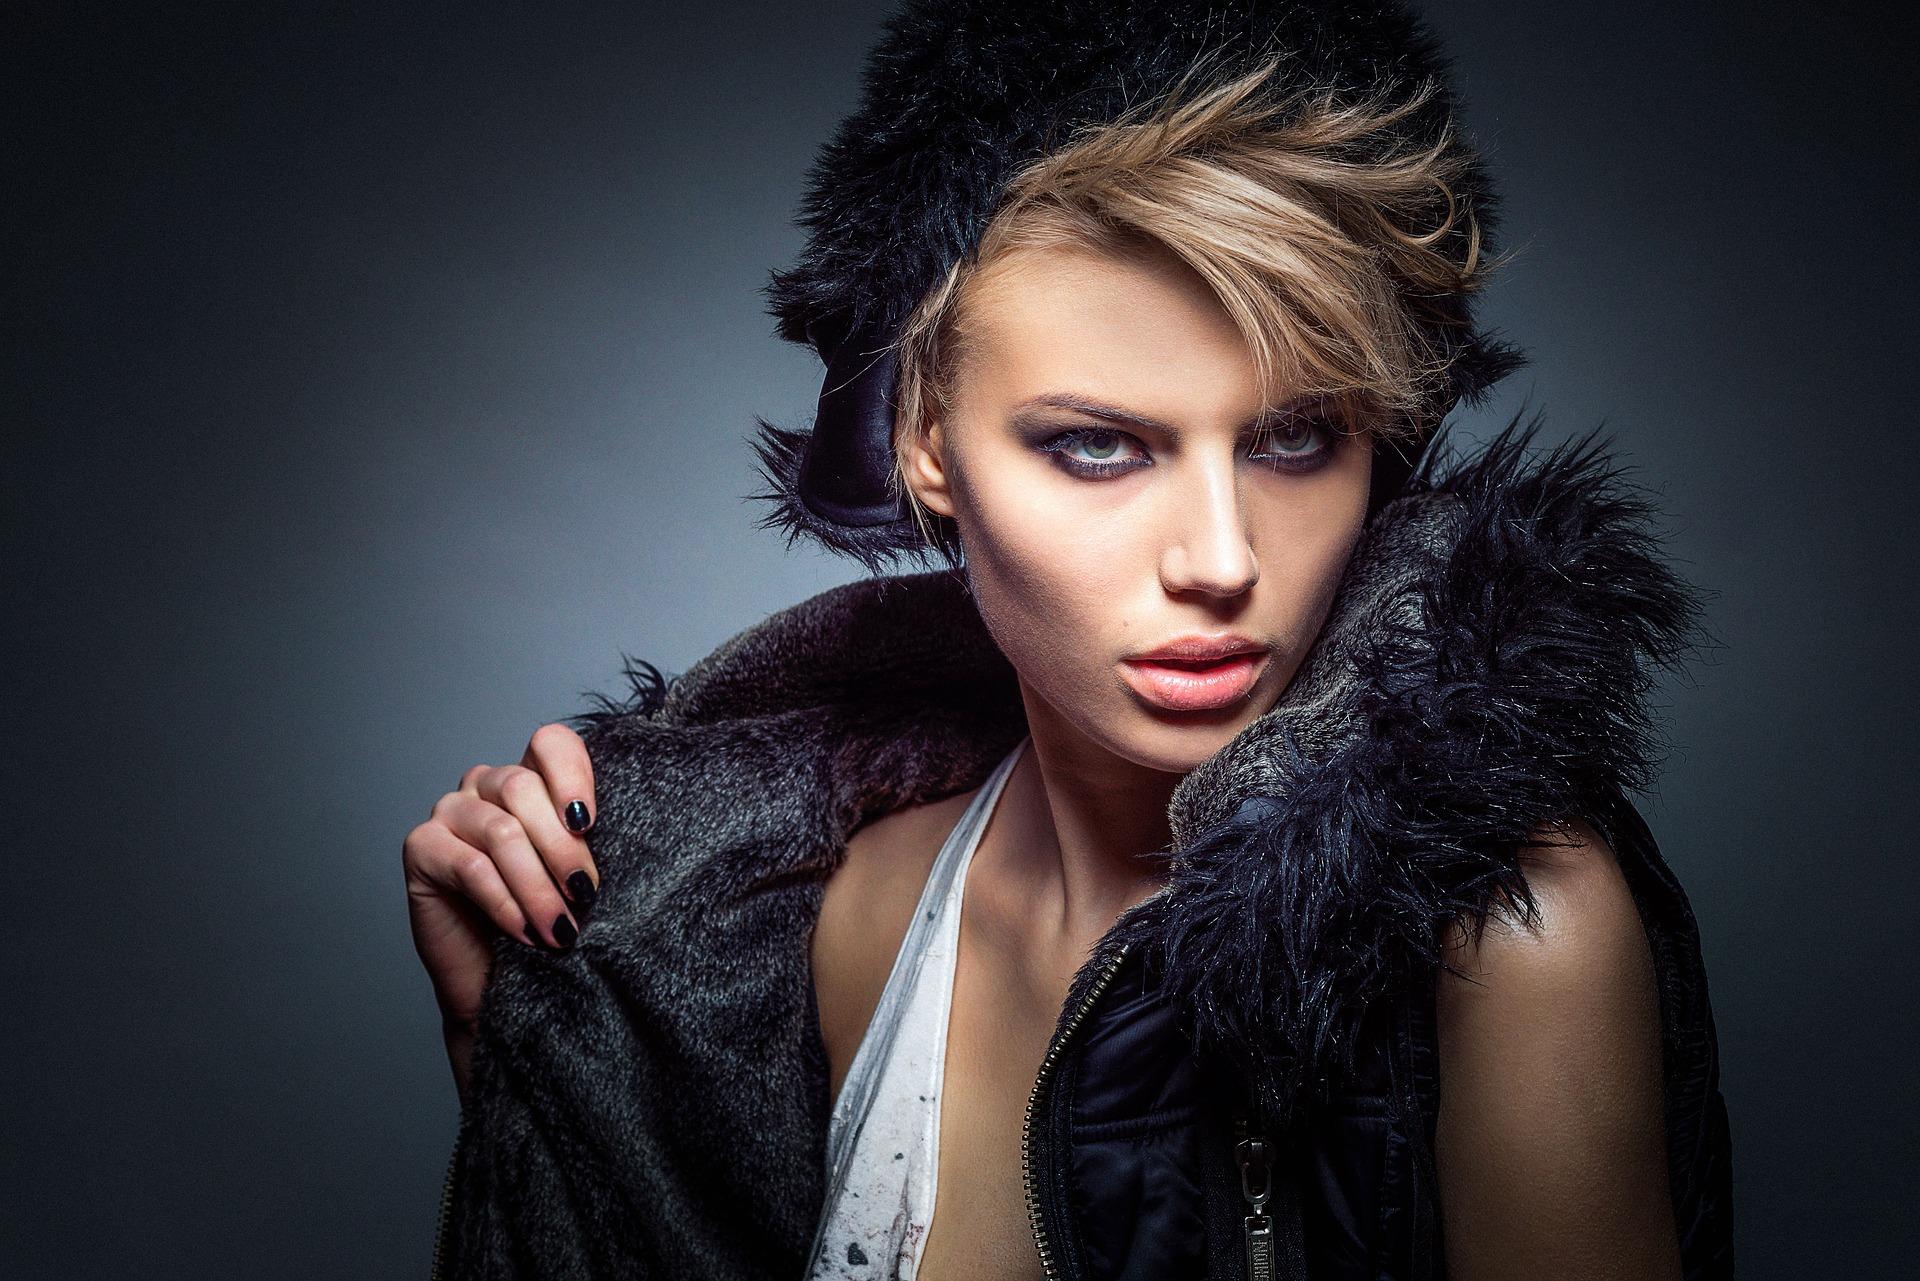 הקורסים שיכניסו אותכם לעולם האופנה